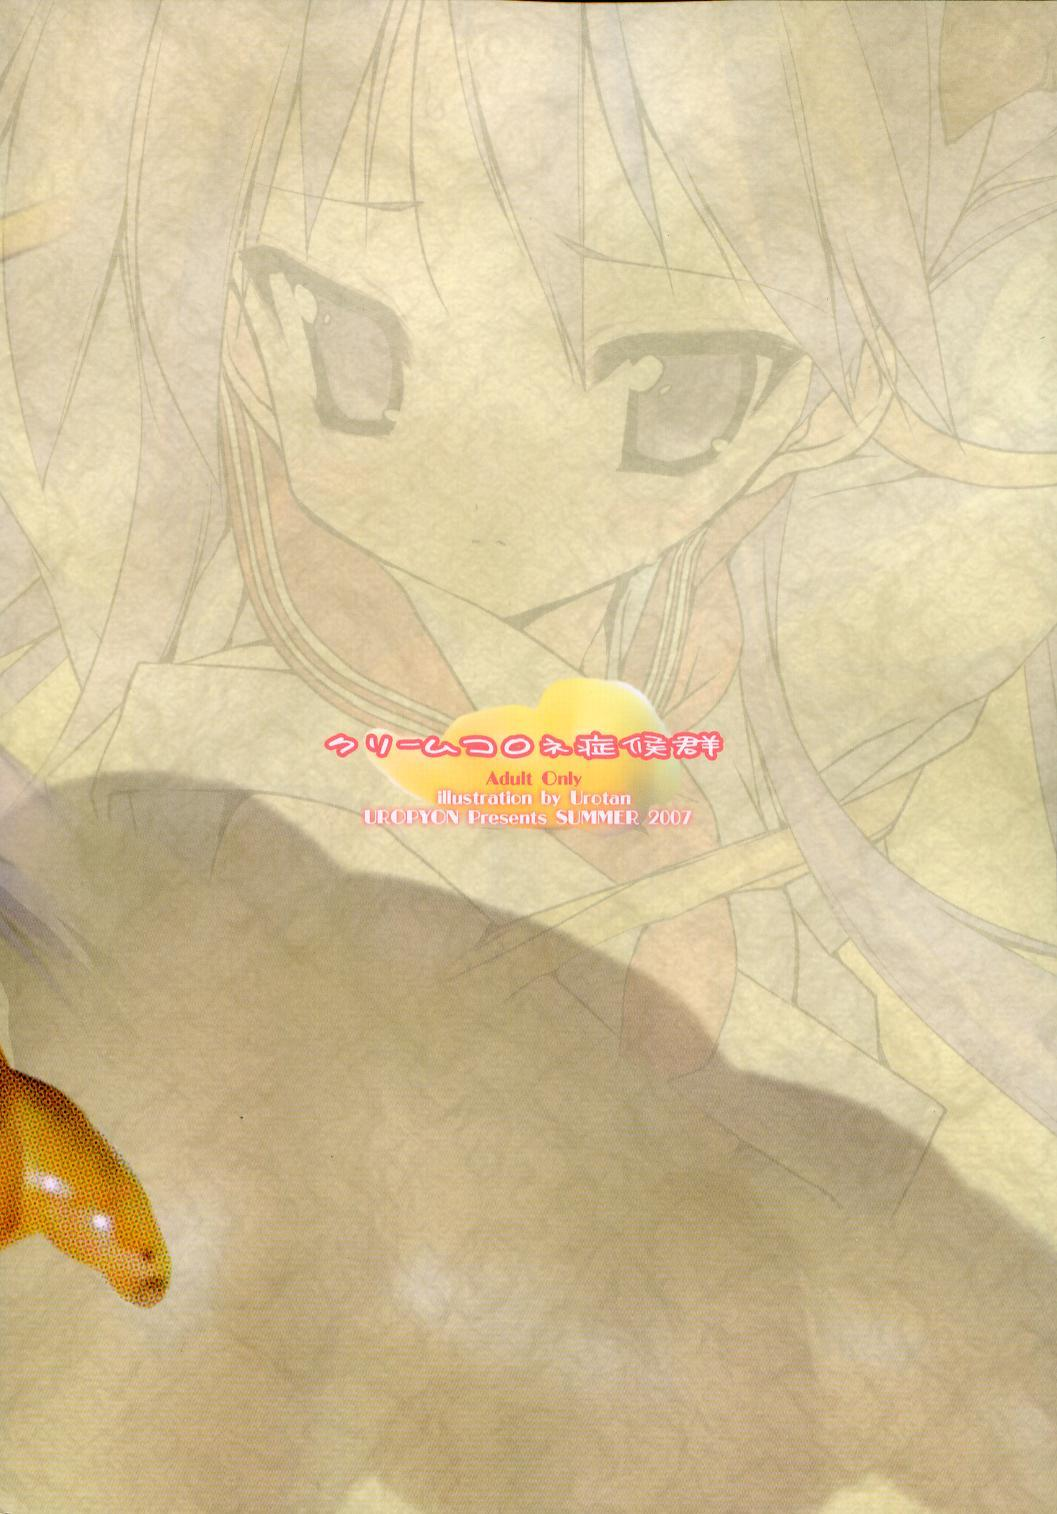 Cream Cornet Shoukougun 37